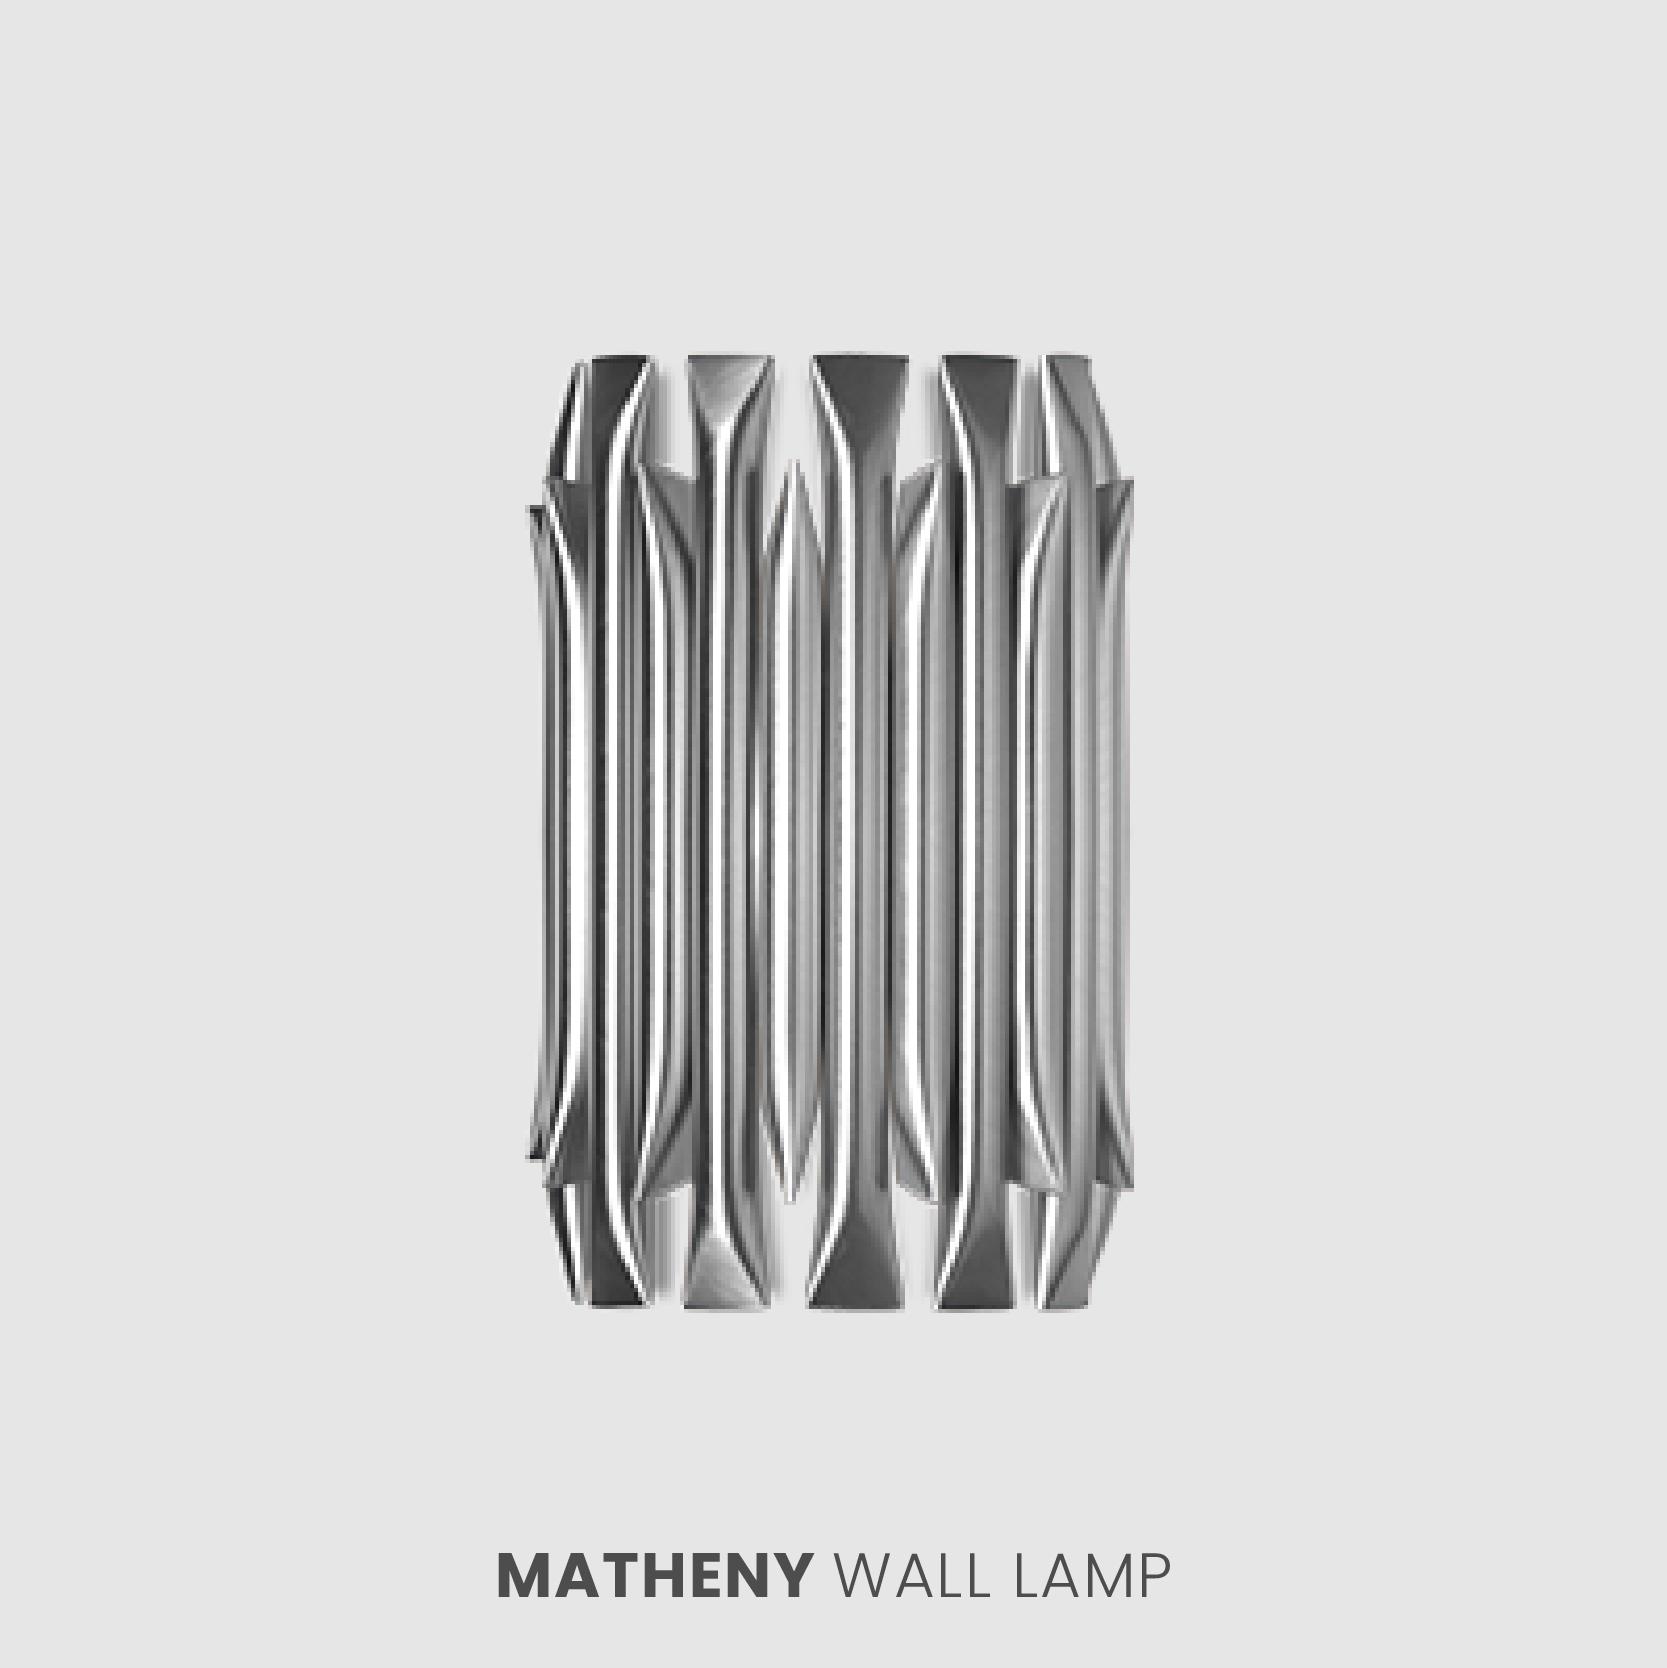 Matheny Wall